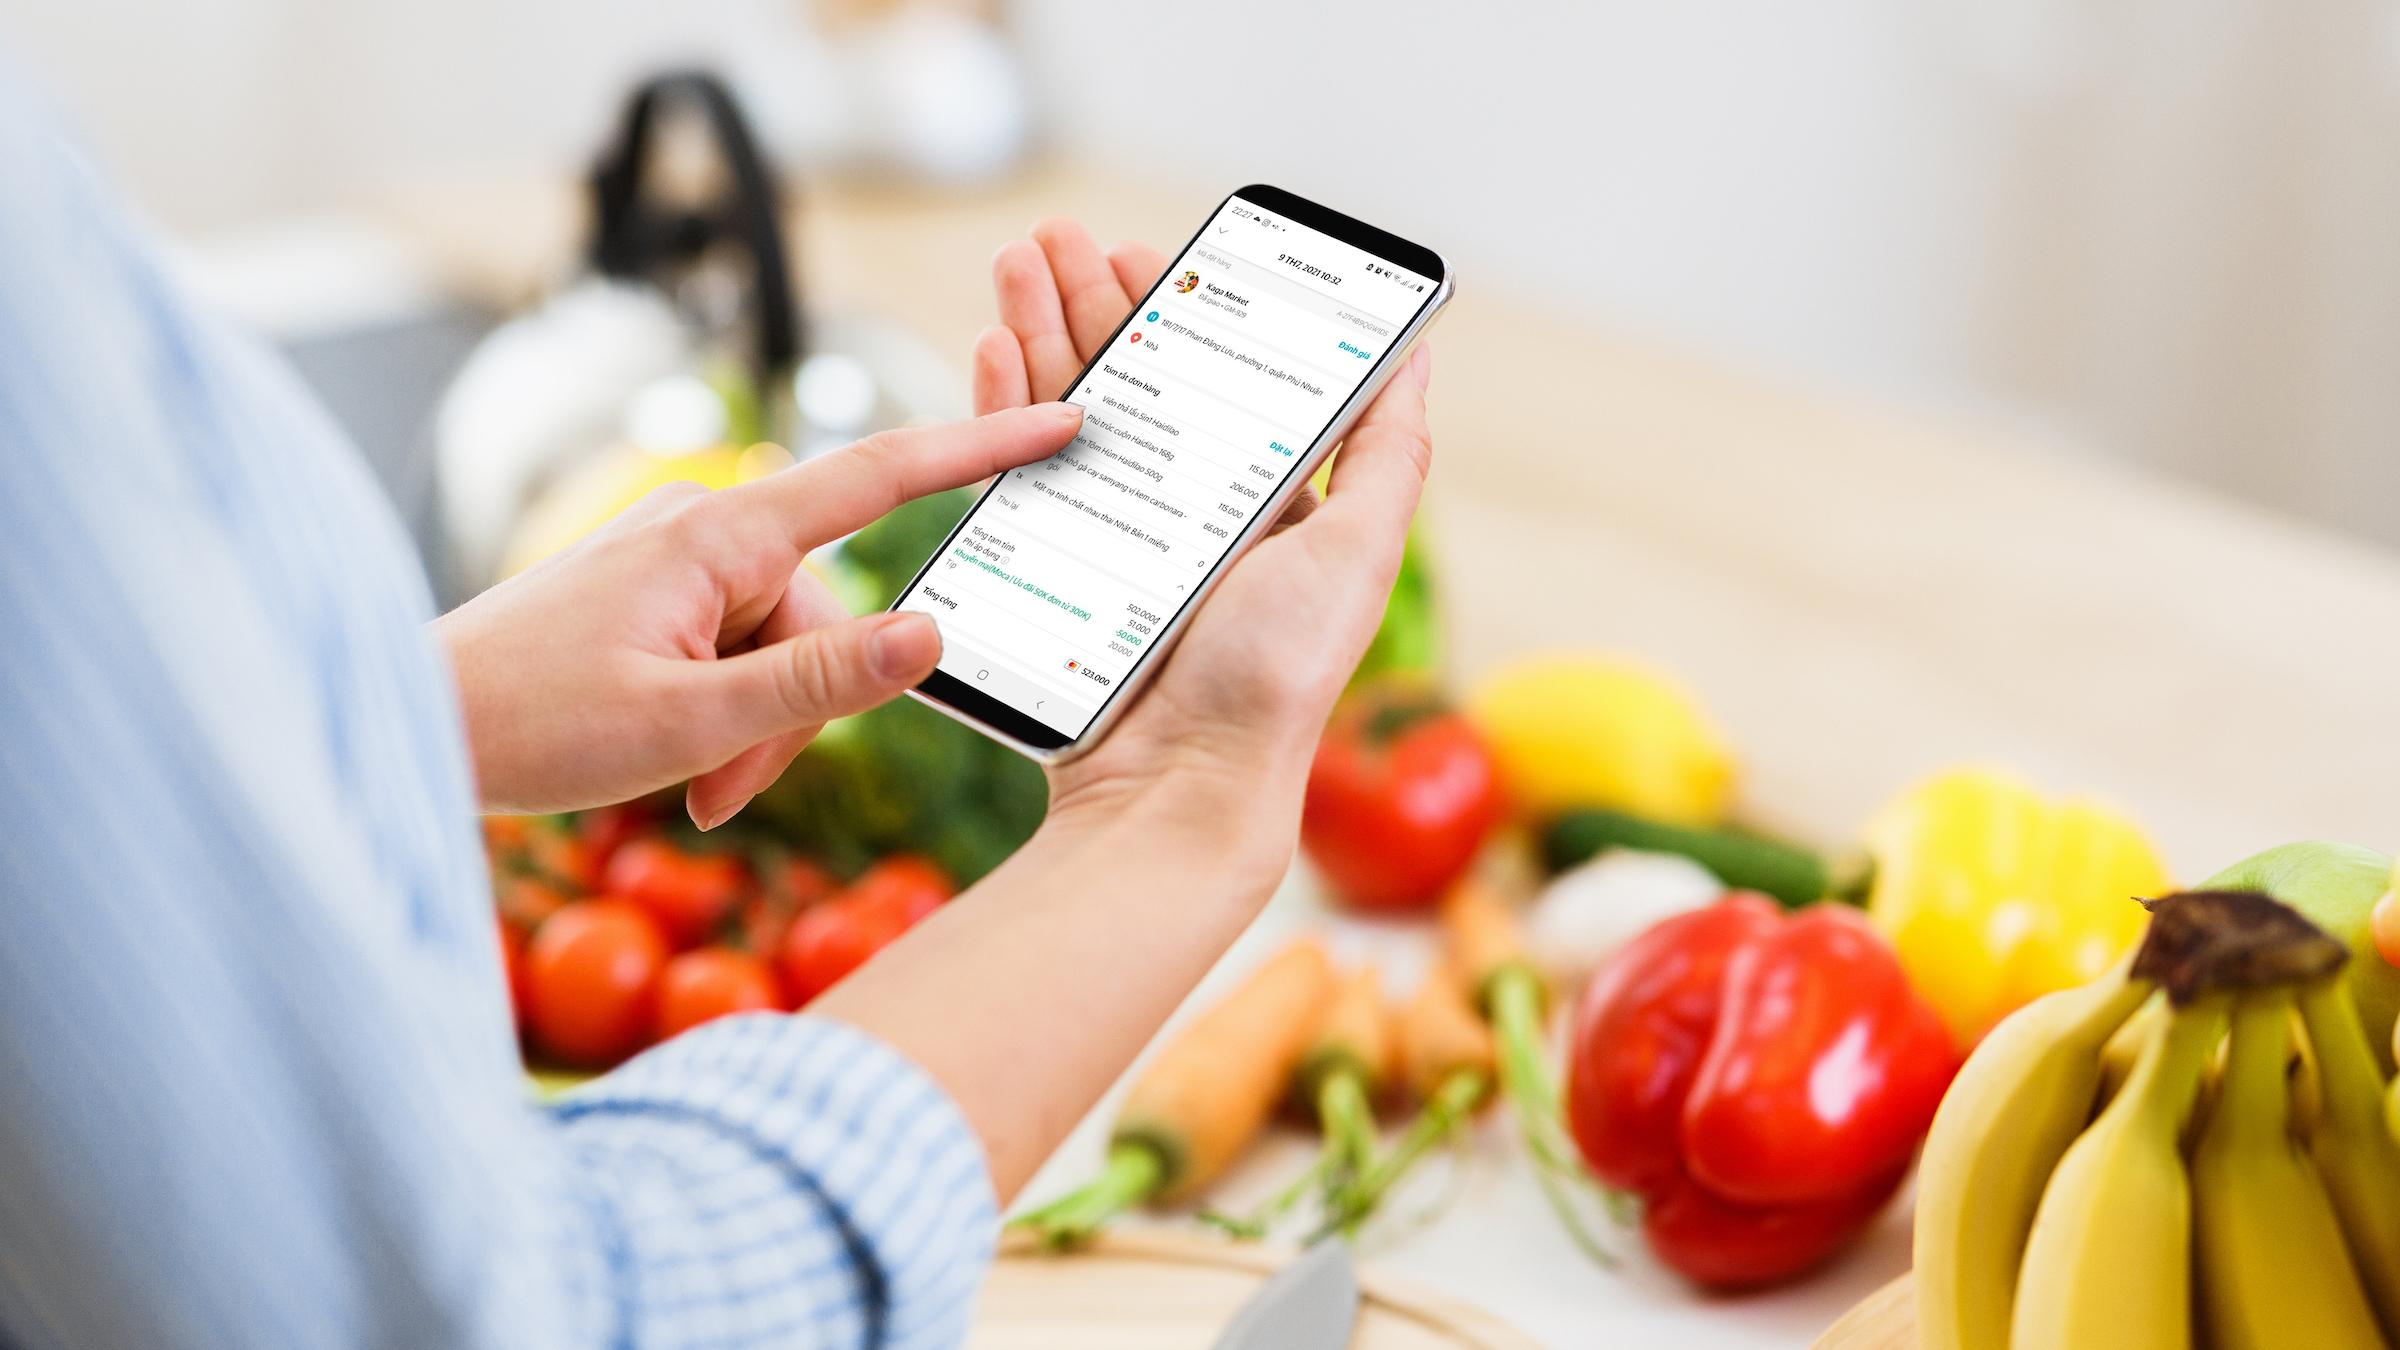 Ứng dụng có giao diện dễ sử dụng, thực phẩm phân loại theo danh mục.